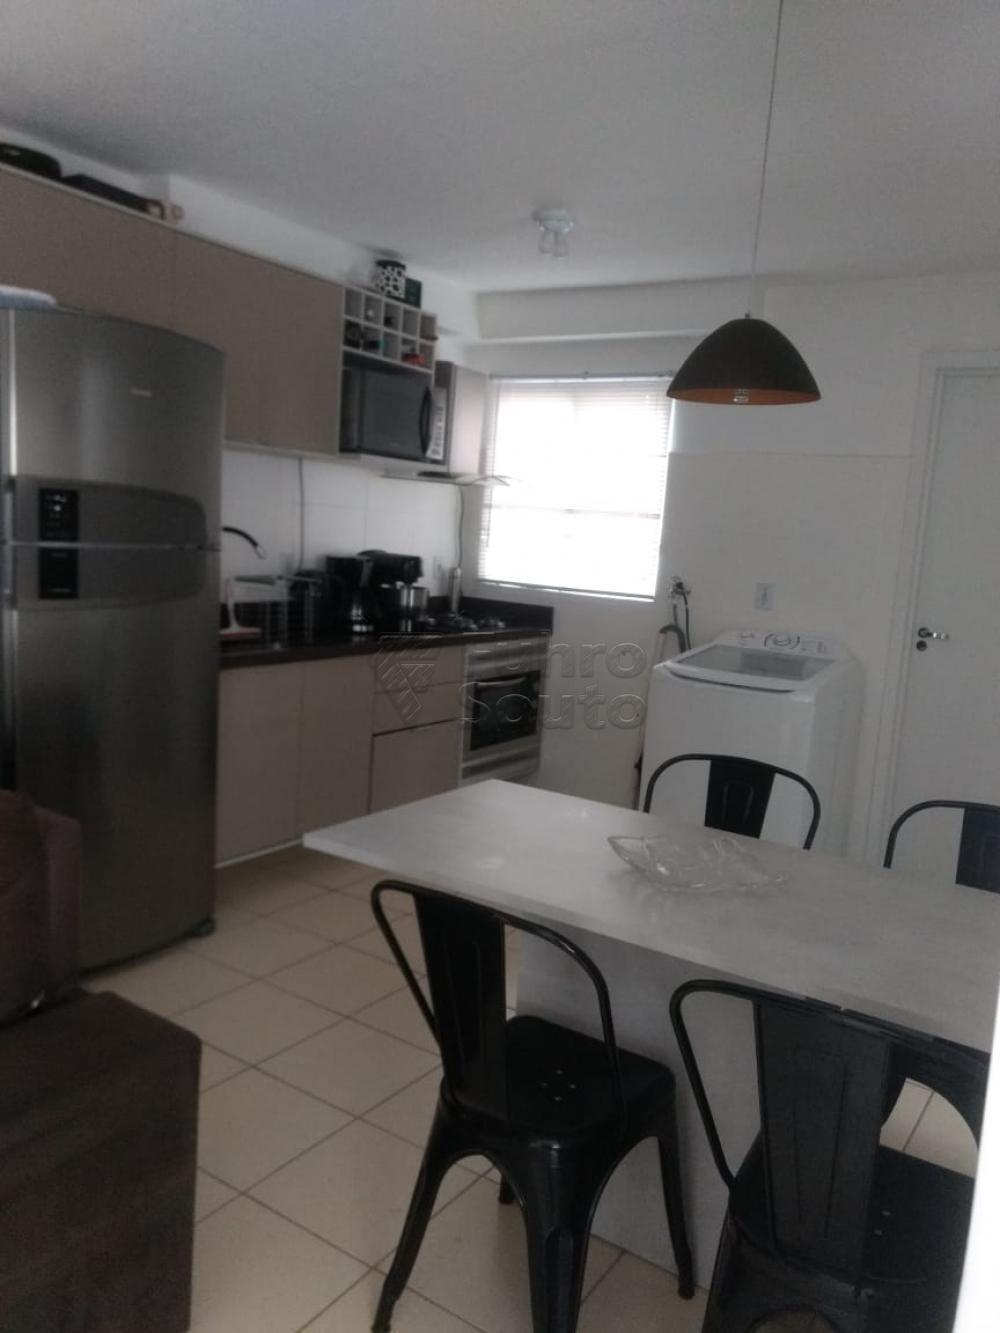 Comprar Apartamento / Padrão em Pelotas R$ 130.000,00 - Foto 5